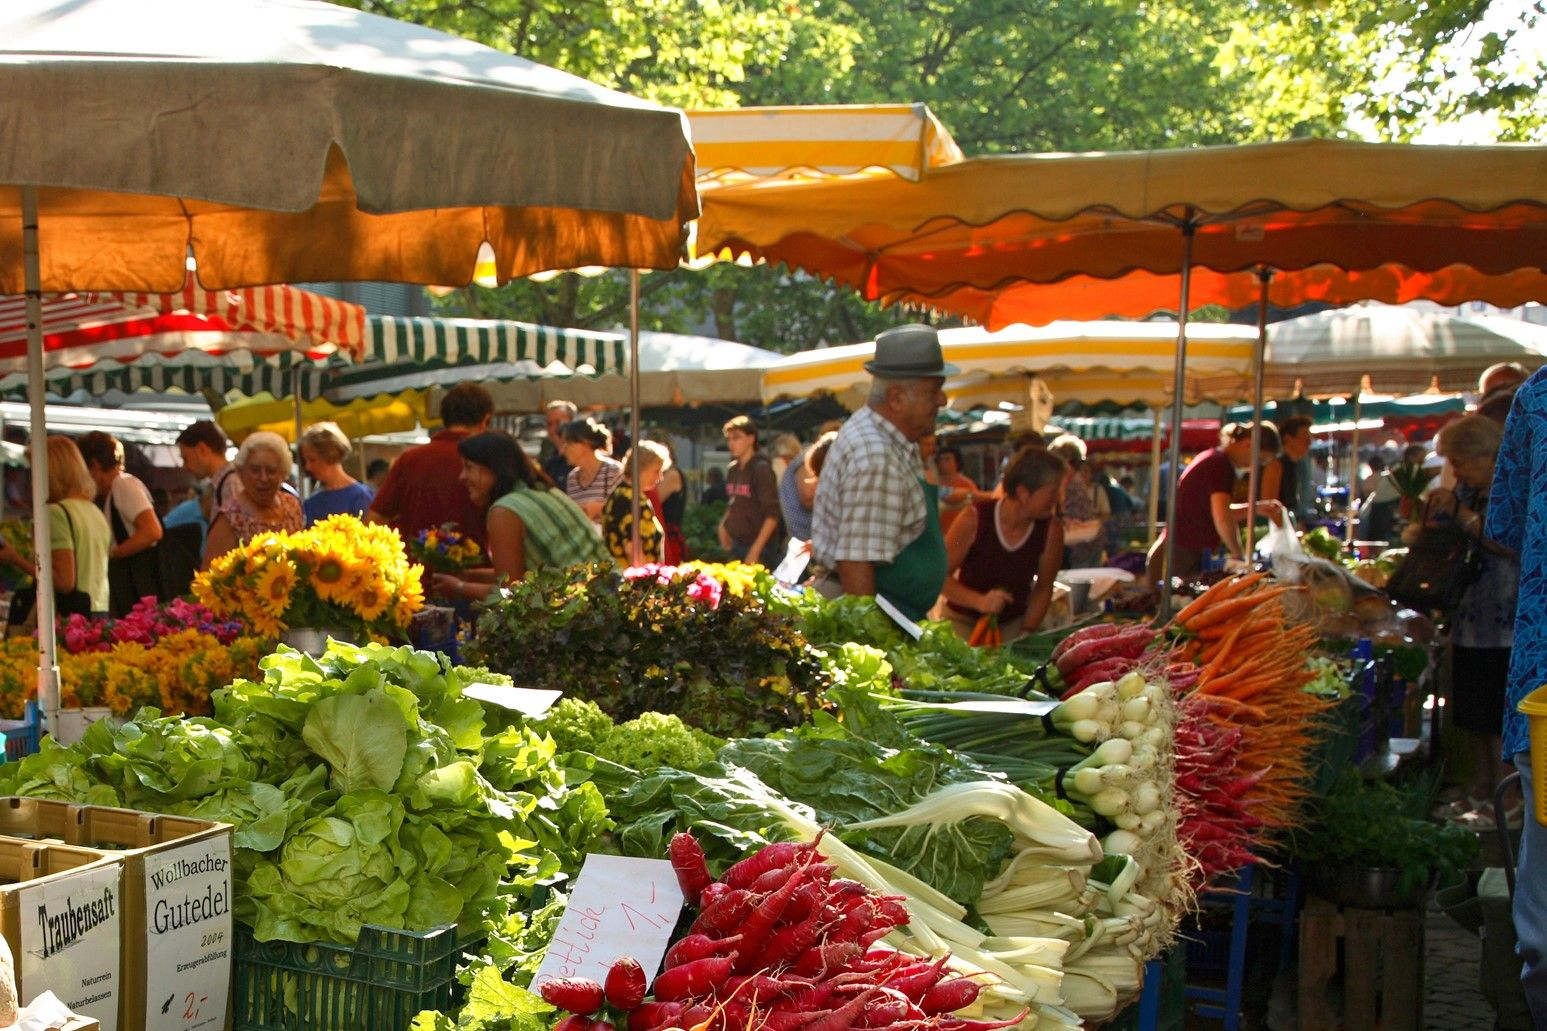 Wochenmarkt mit regionalen Produkten.